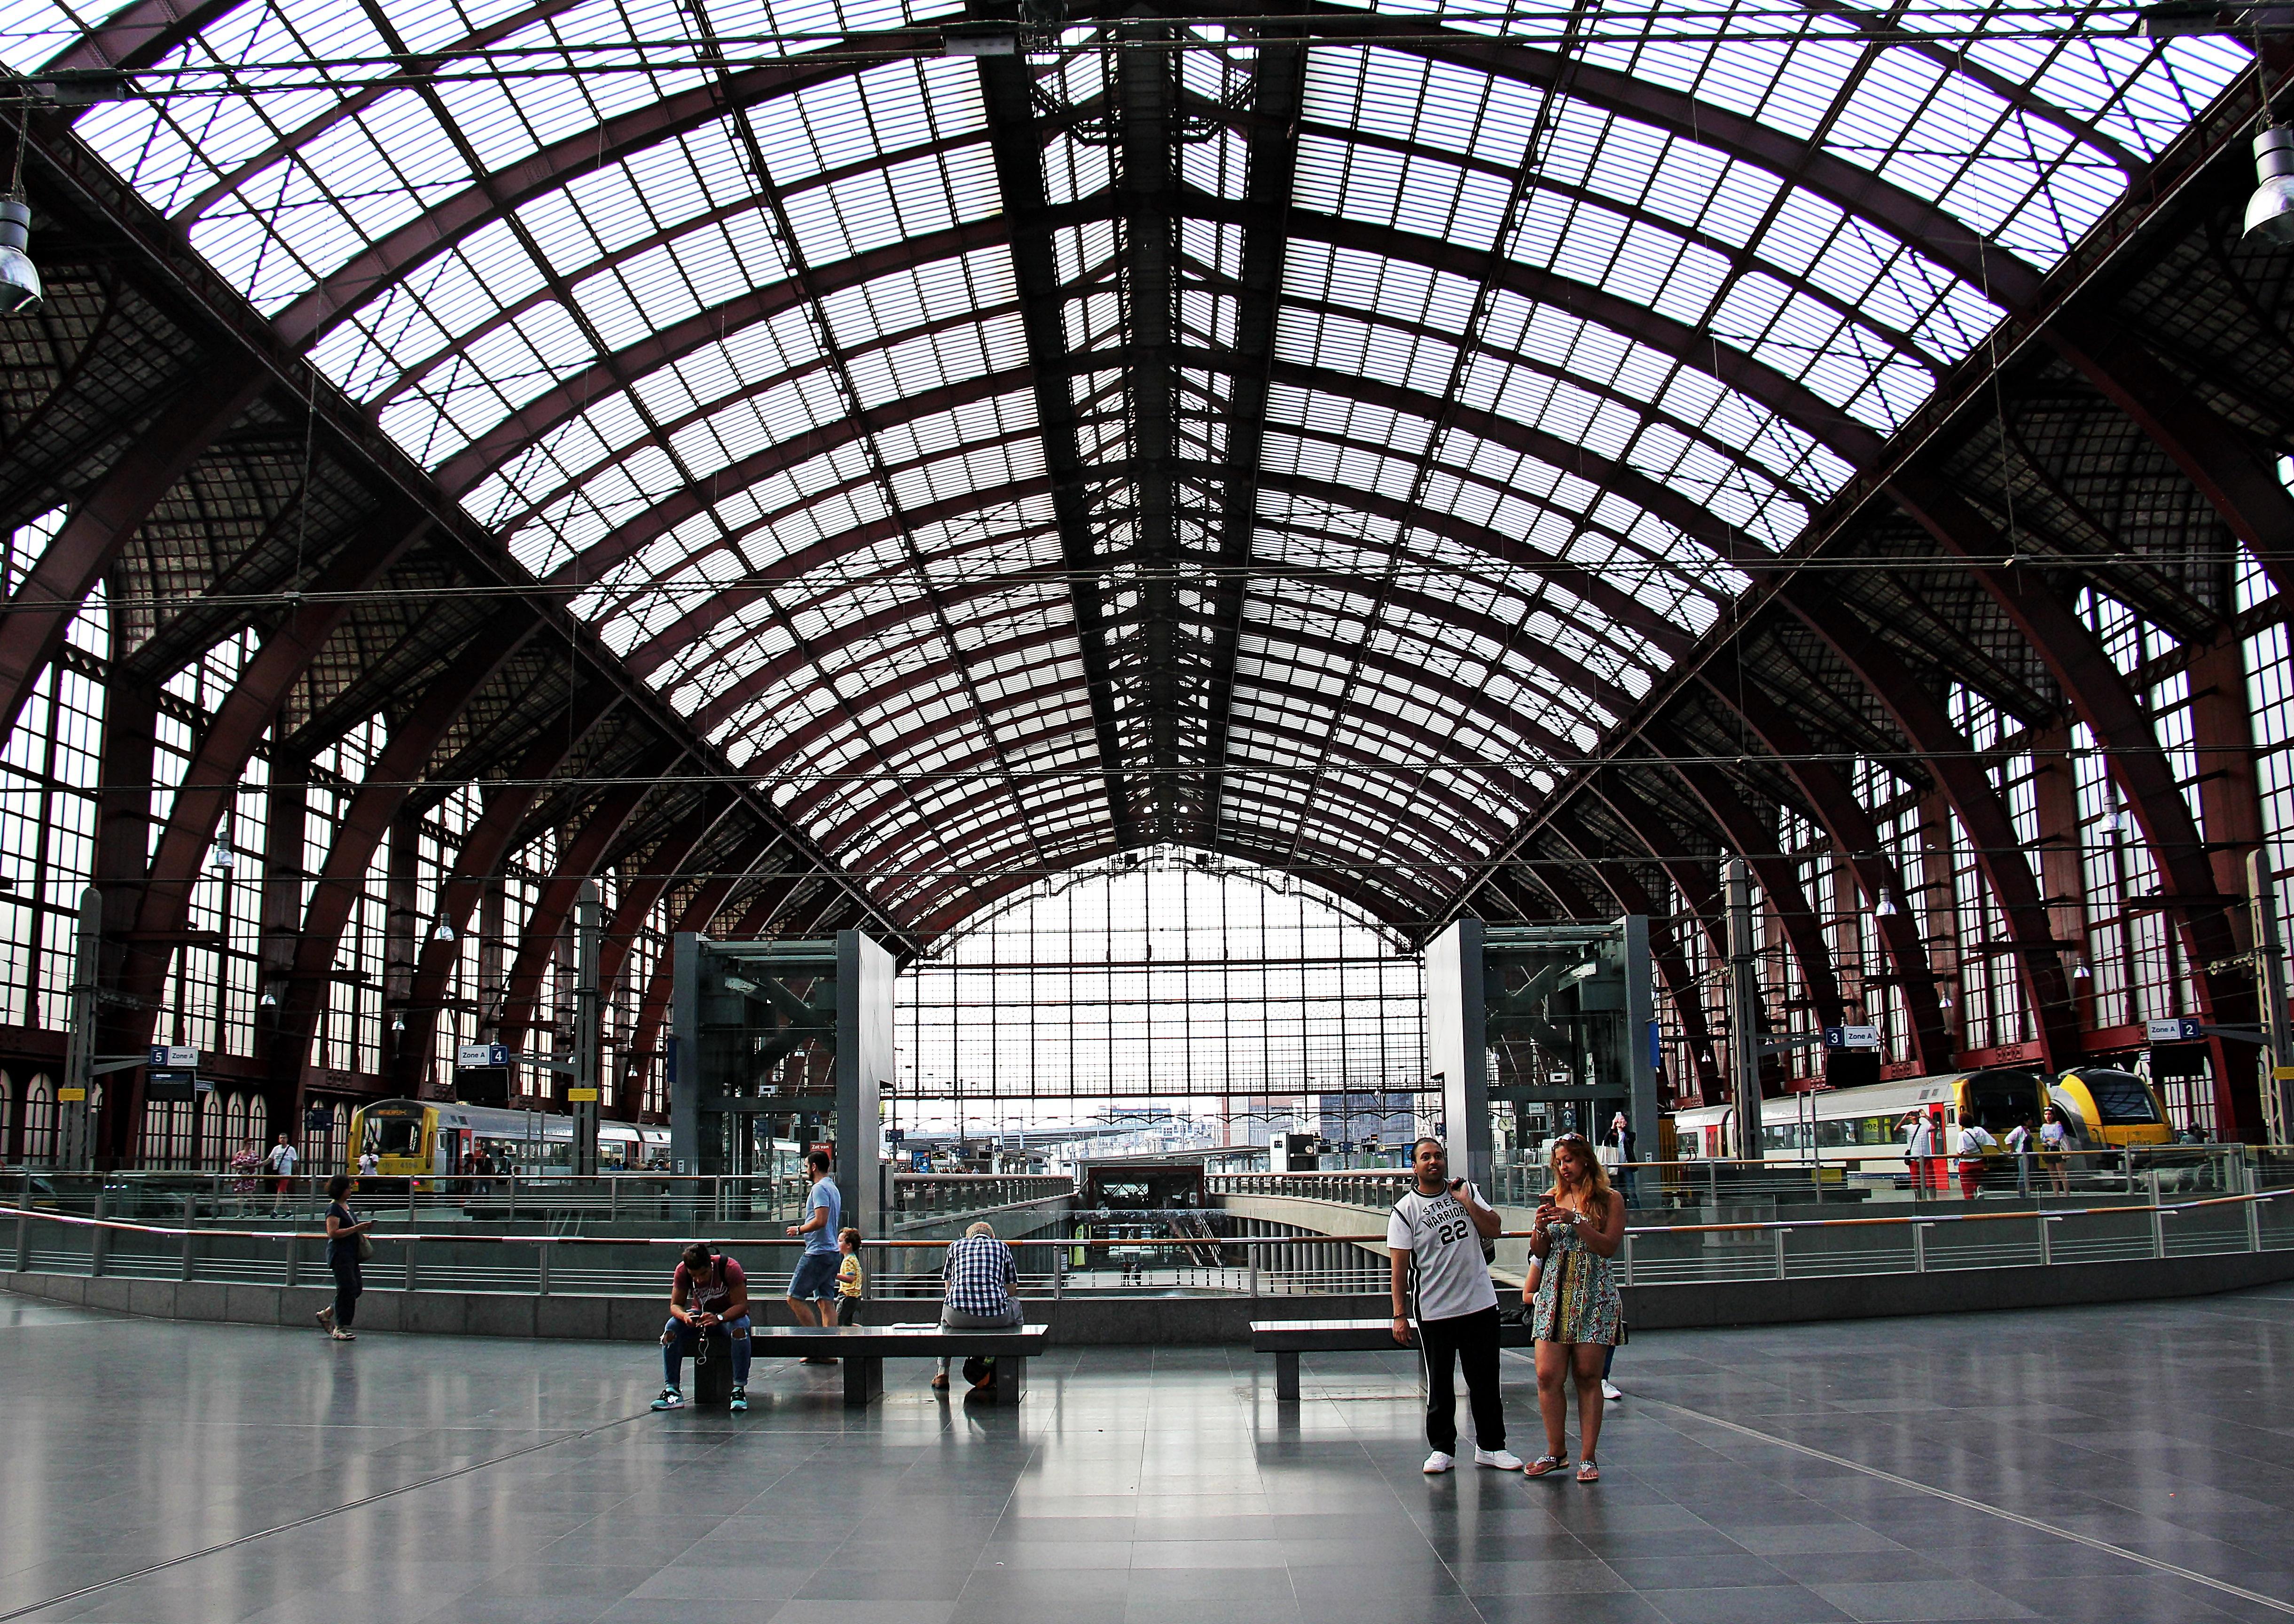 Bogen Stehle kostenlose foto die architektur eisenbahn der verkehr glas